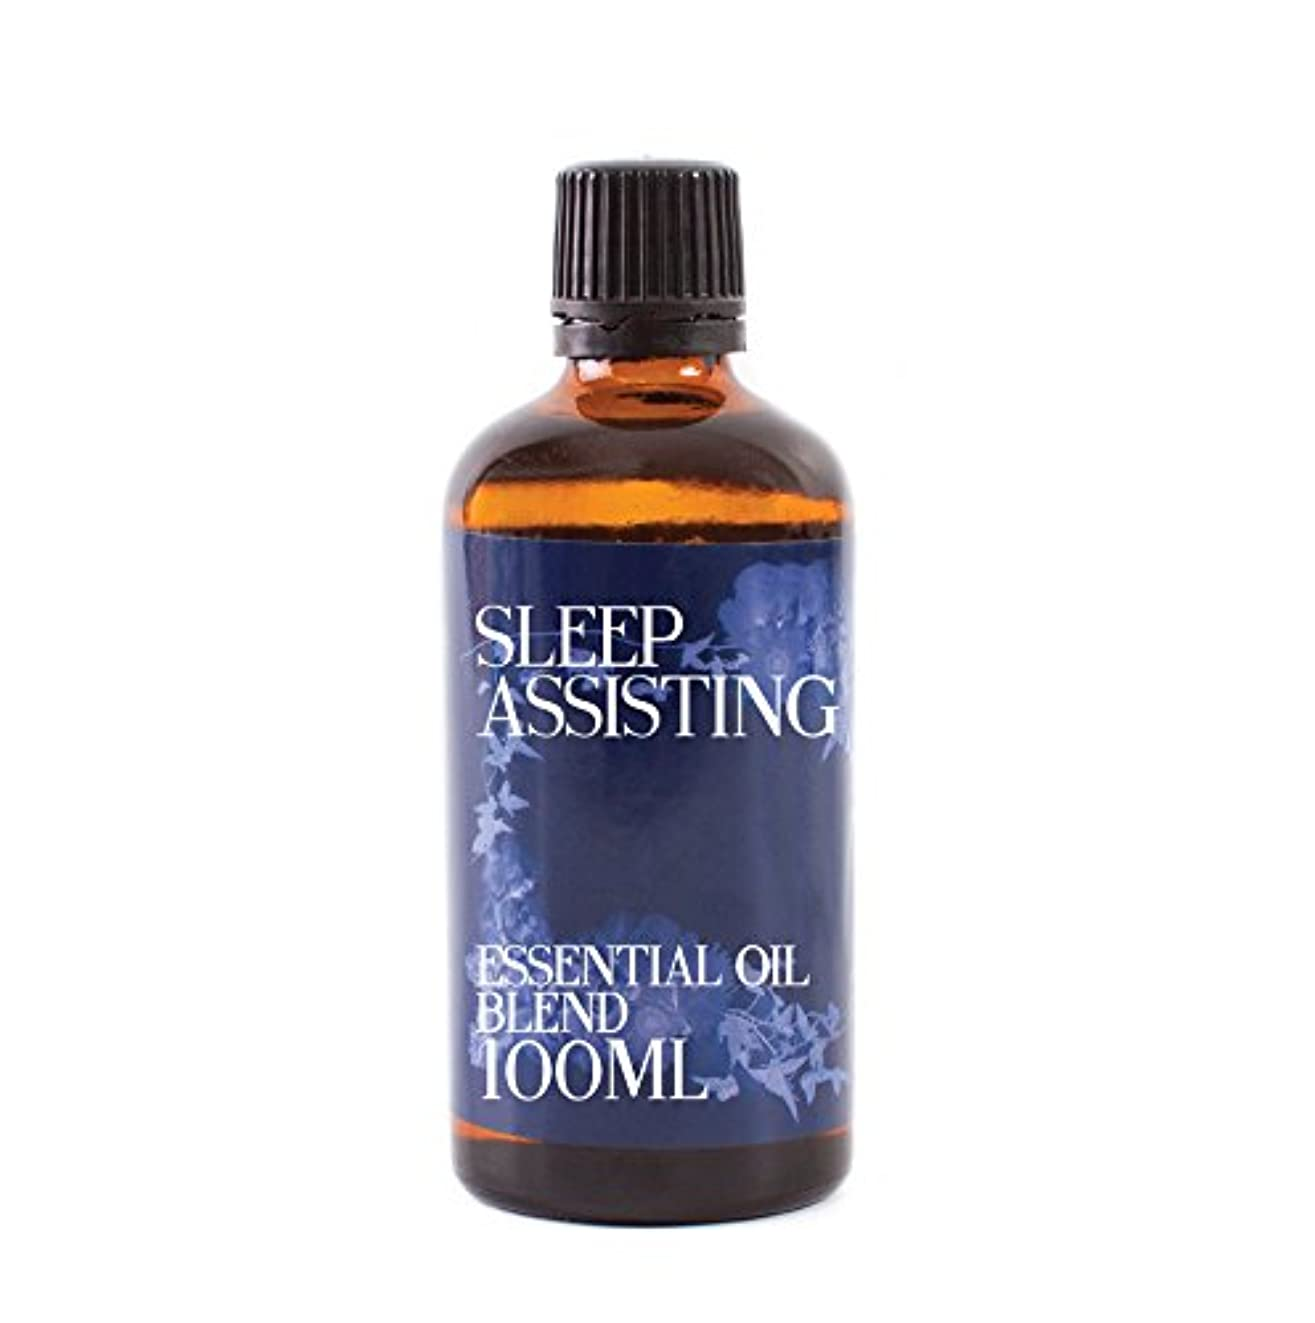 テロペネロペ罪人Mystix London | Sleep Assisting Essential Oil Blend - 100ml - 100% Pure